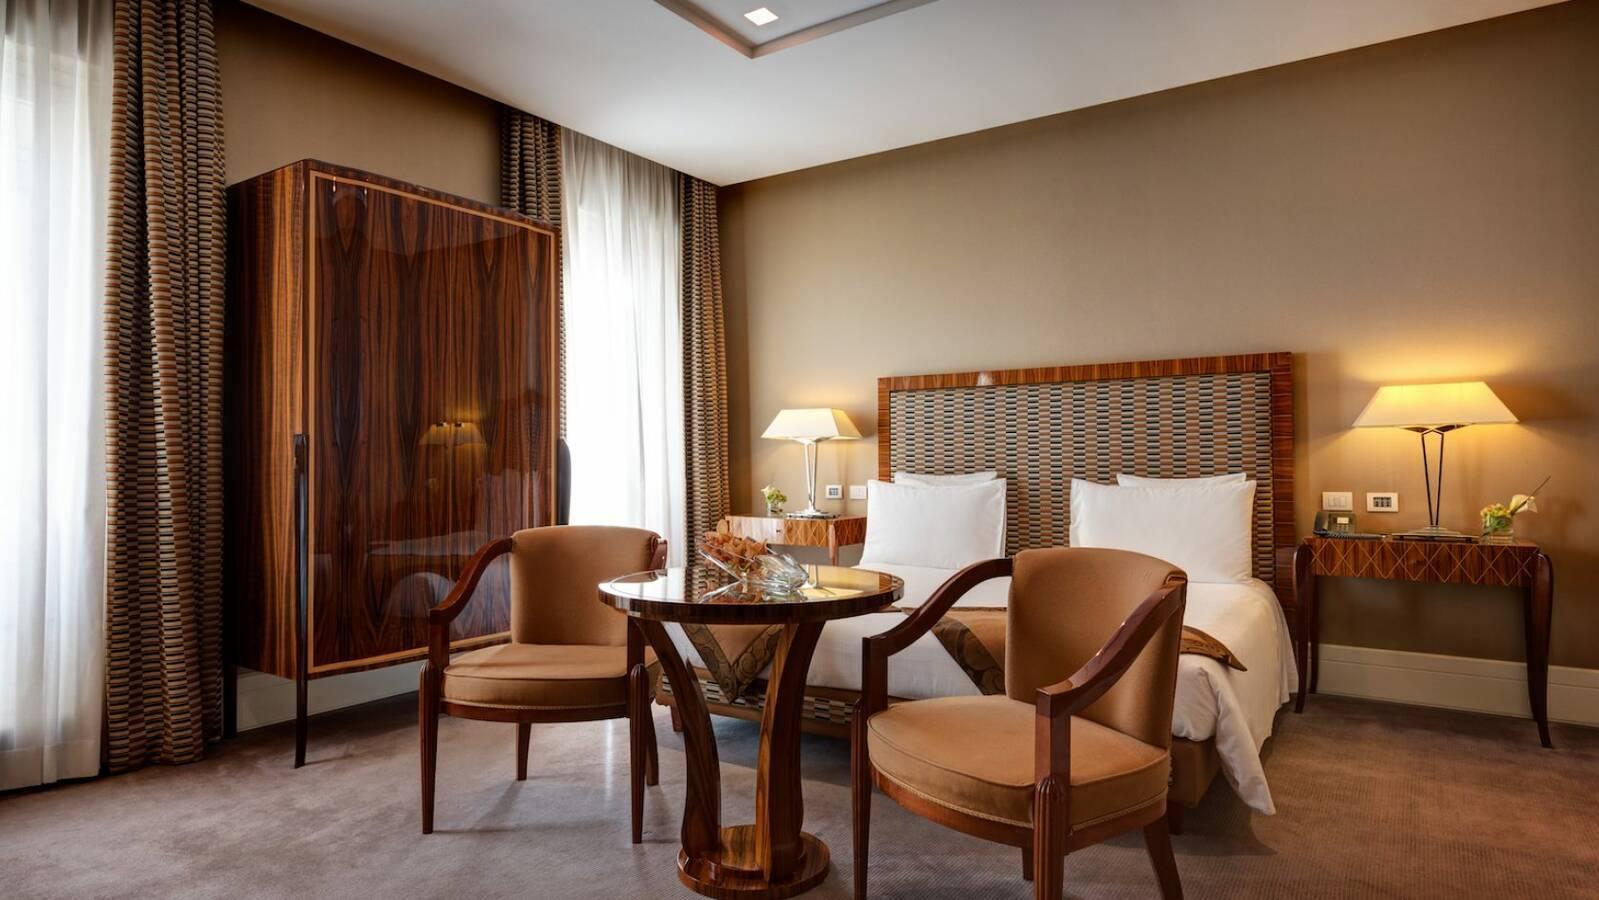 Grand Hotel Via Veneto Grand Deluxe Chambre Rome Italie